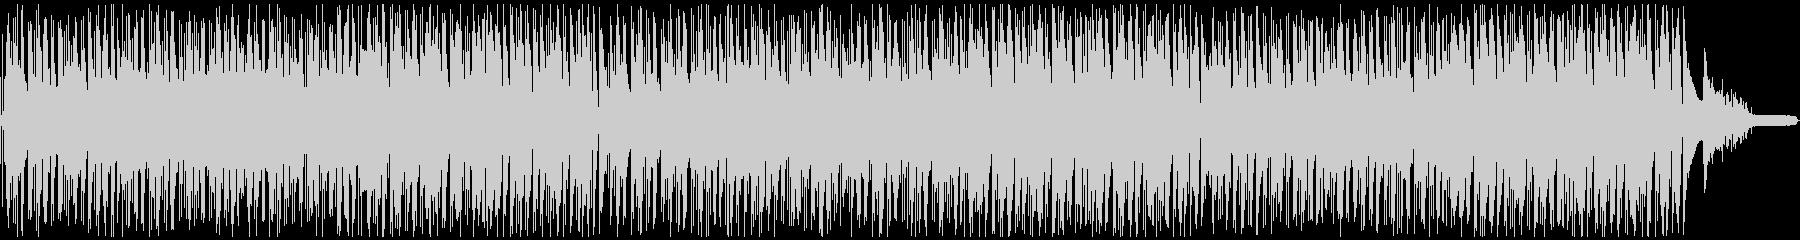 心地よいおしゃれなボサノヴァ・ピアノの未再生の波形